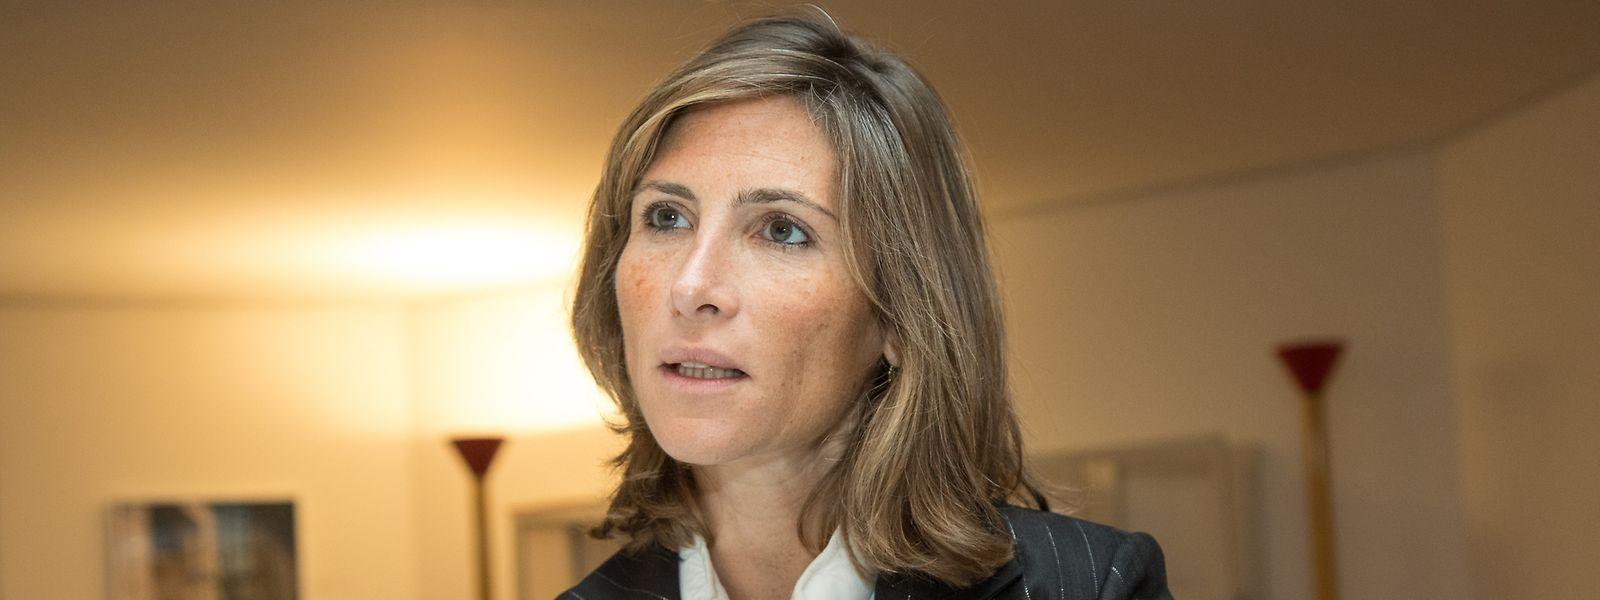 «Aujourd'hui beaucoup de personnes ne savent plus pourquoi elles vont travailler», estime Julia de Funès.